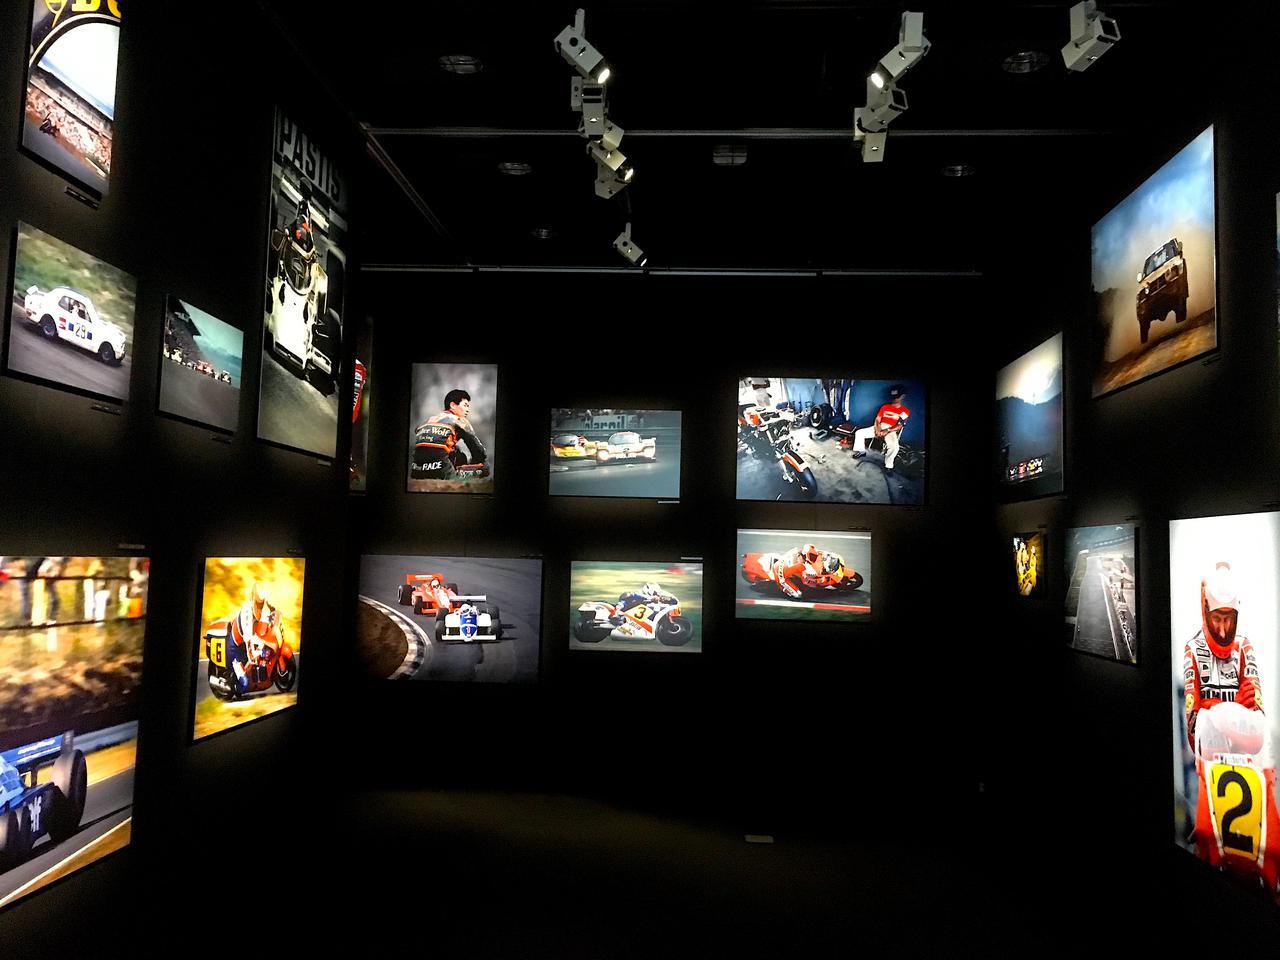 画像2: 「JRPA50周年写真展」の内容を1冊に凝縮